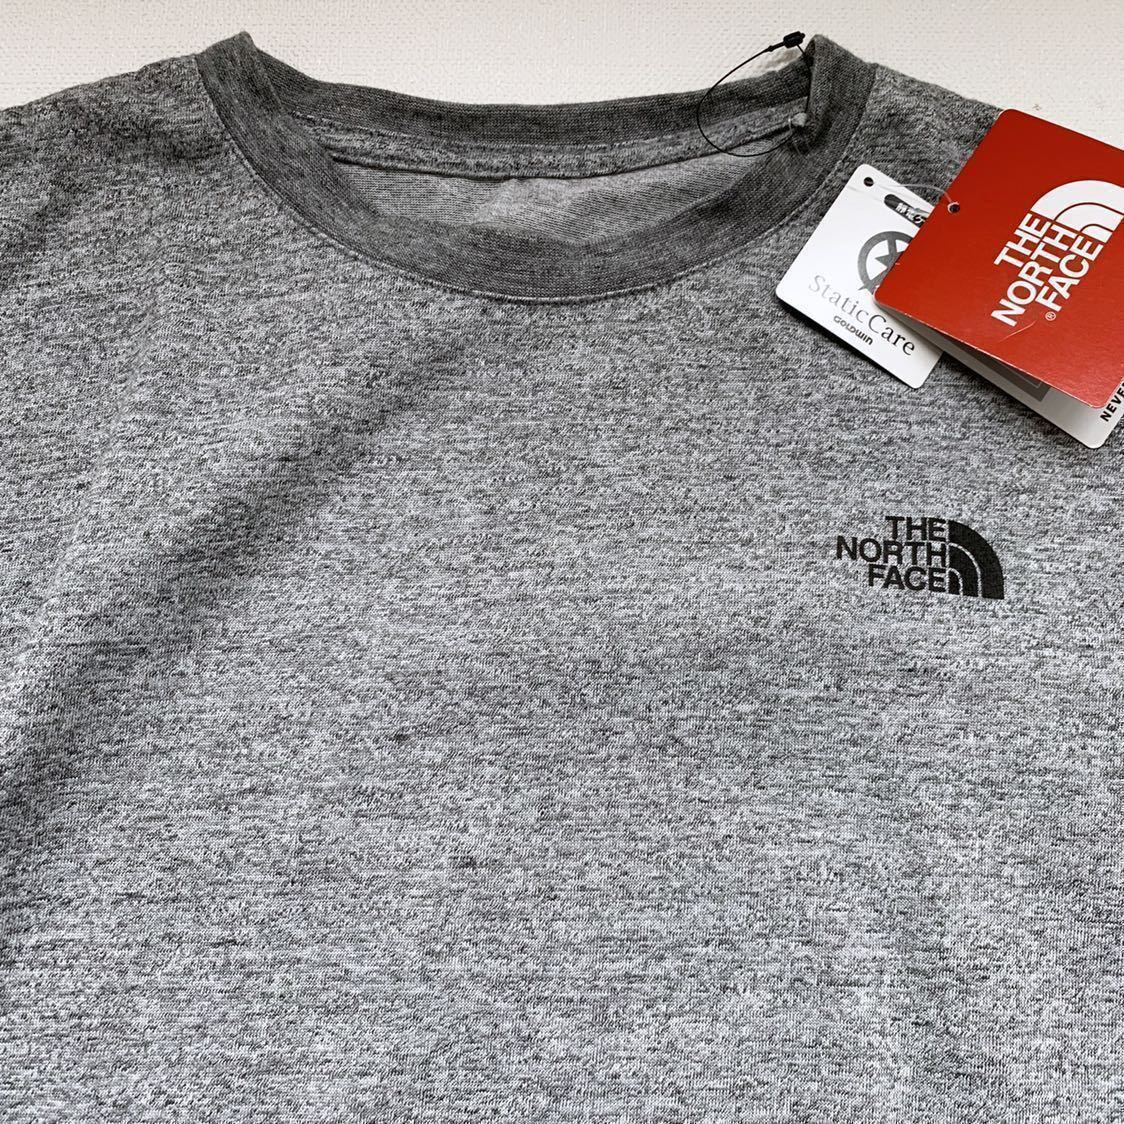 新品正規 ノースフェイス スクエア ロゴ Tシャツ L ミックス グレー THE NORTH FACE S/S Square Logo Tee メンズ NT31957 2019ss_画像4